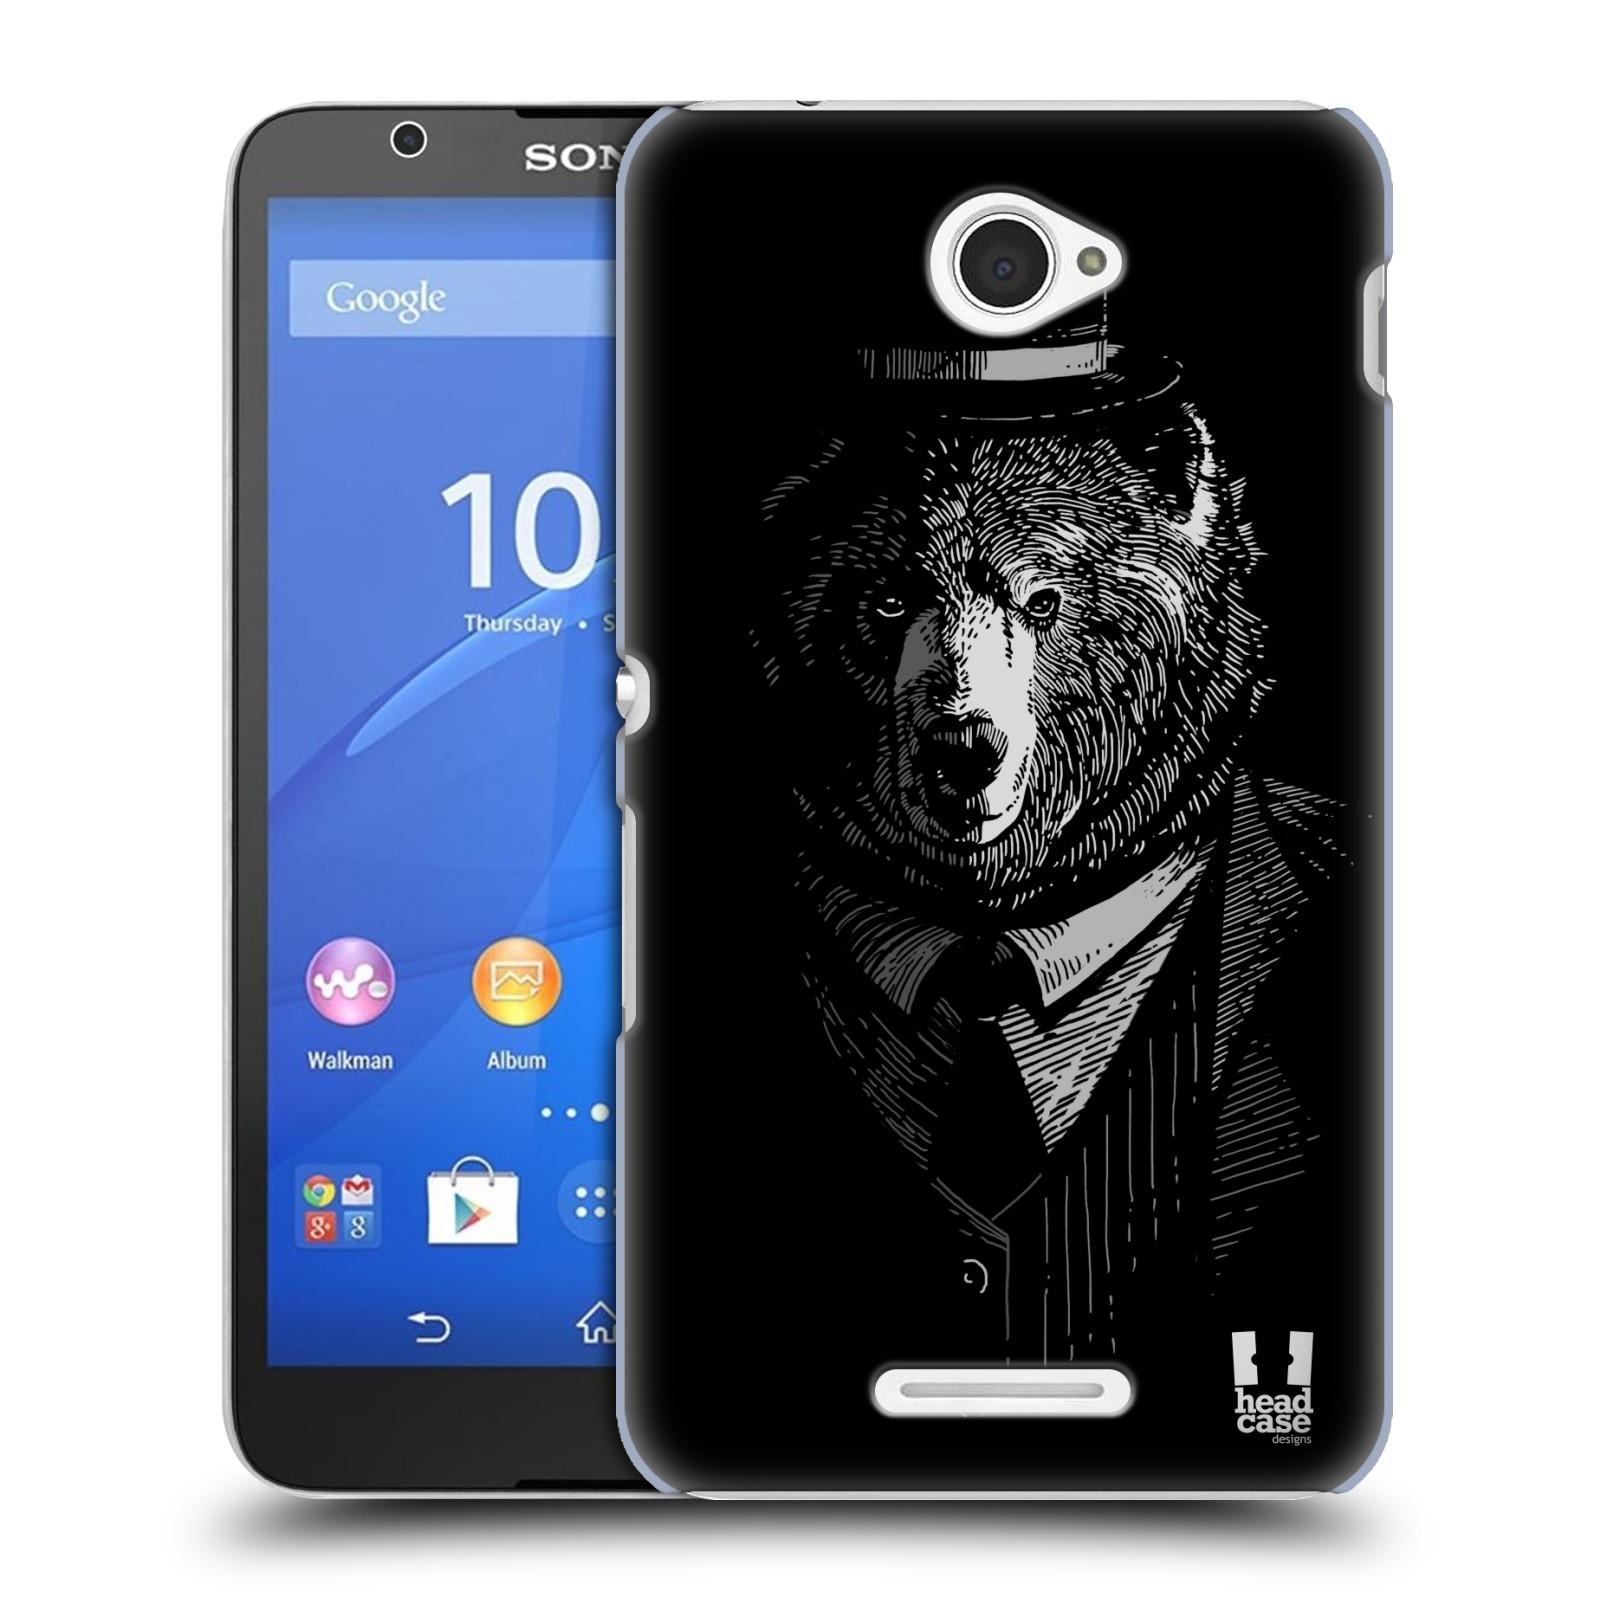 Plastové pouzdro na mobil Sony Xperia E4 E2105 HEAD CASE MEDVĚD V KVÁDRU (Kryt či obal na mobilní telefon Sony Xperia E4 a E4 Dual SIM)